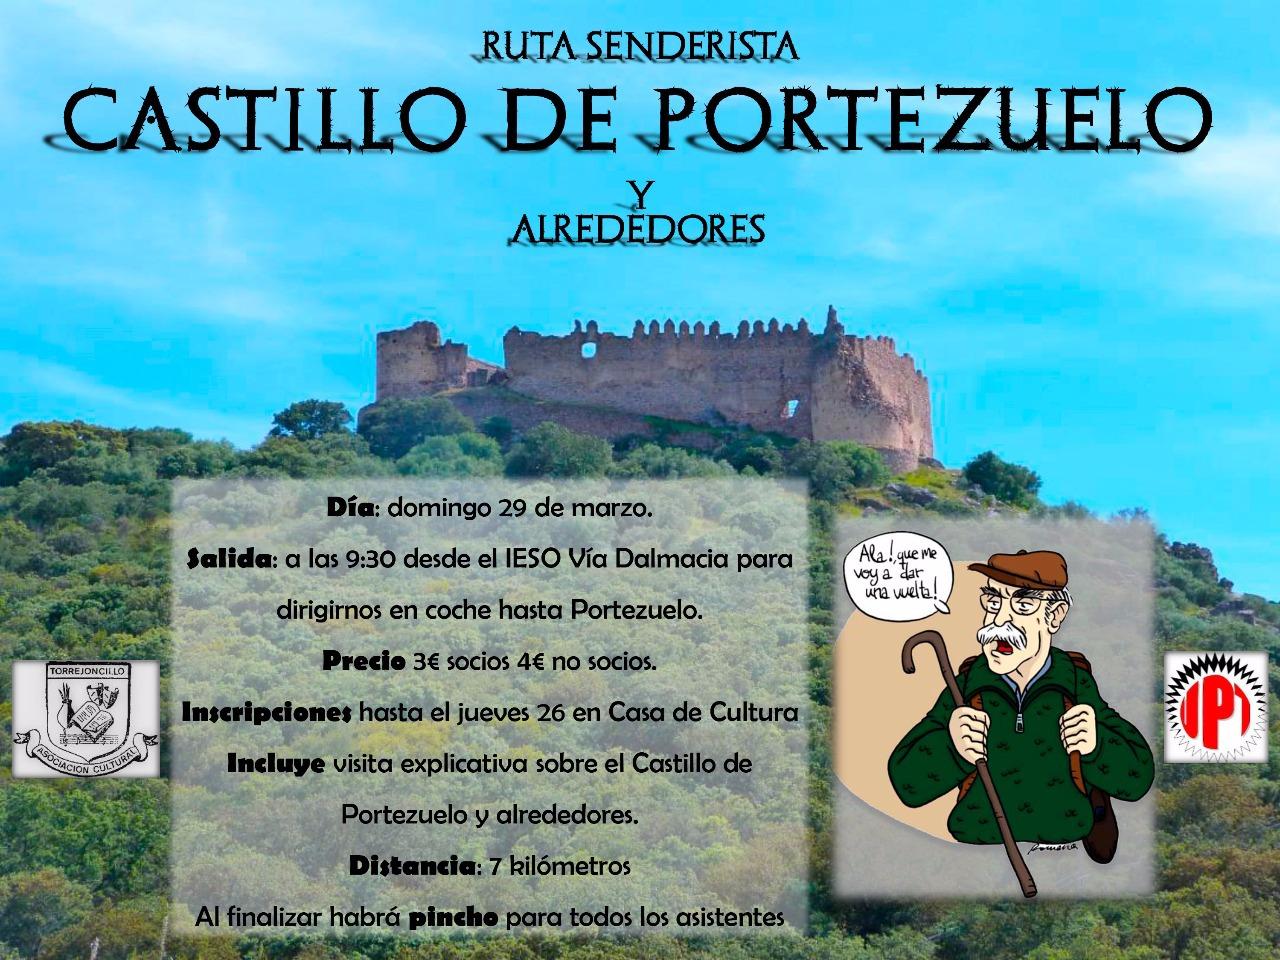 Ruta senderista Castillo de Portezuelo y alrededores con la Cultural